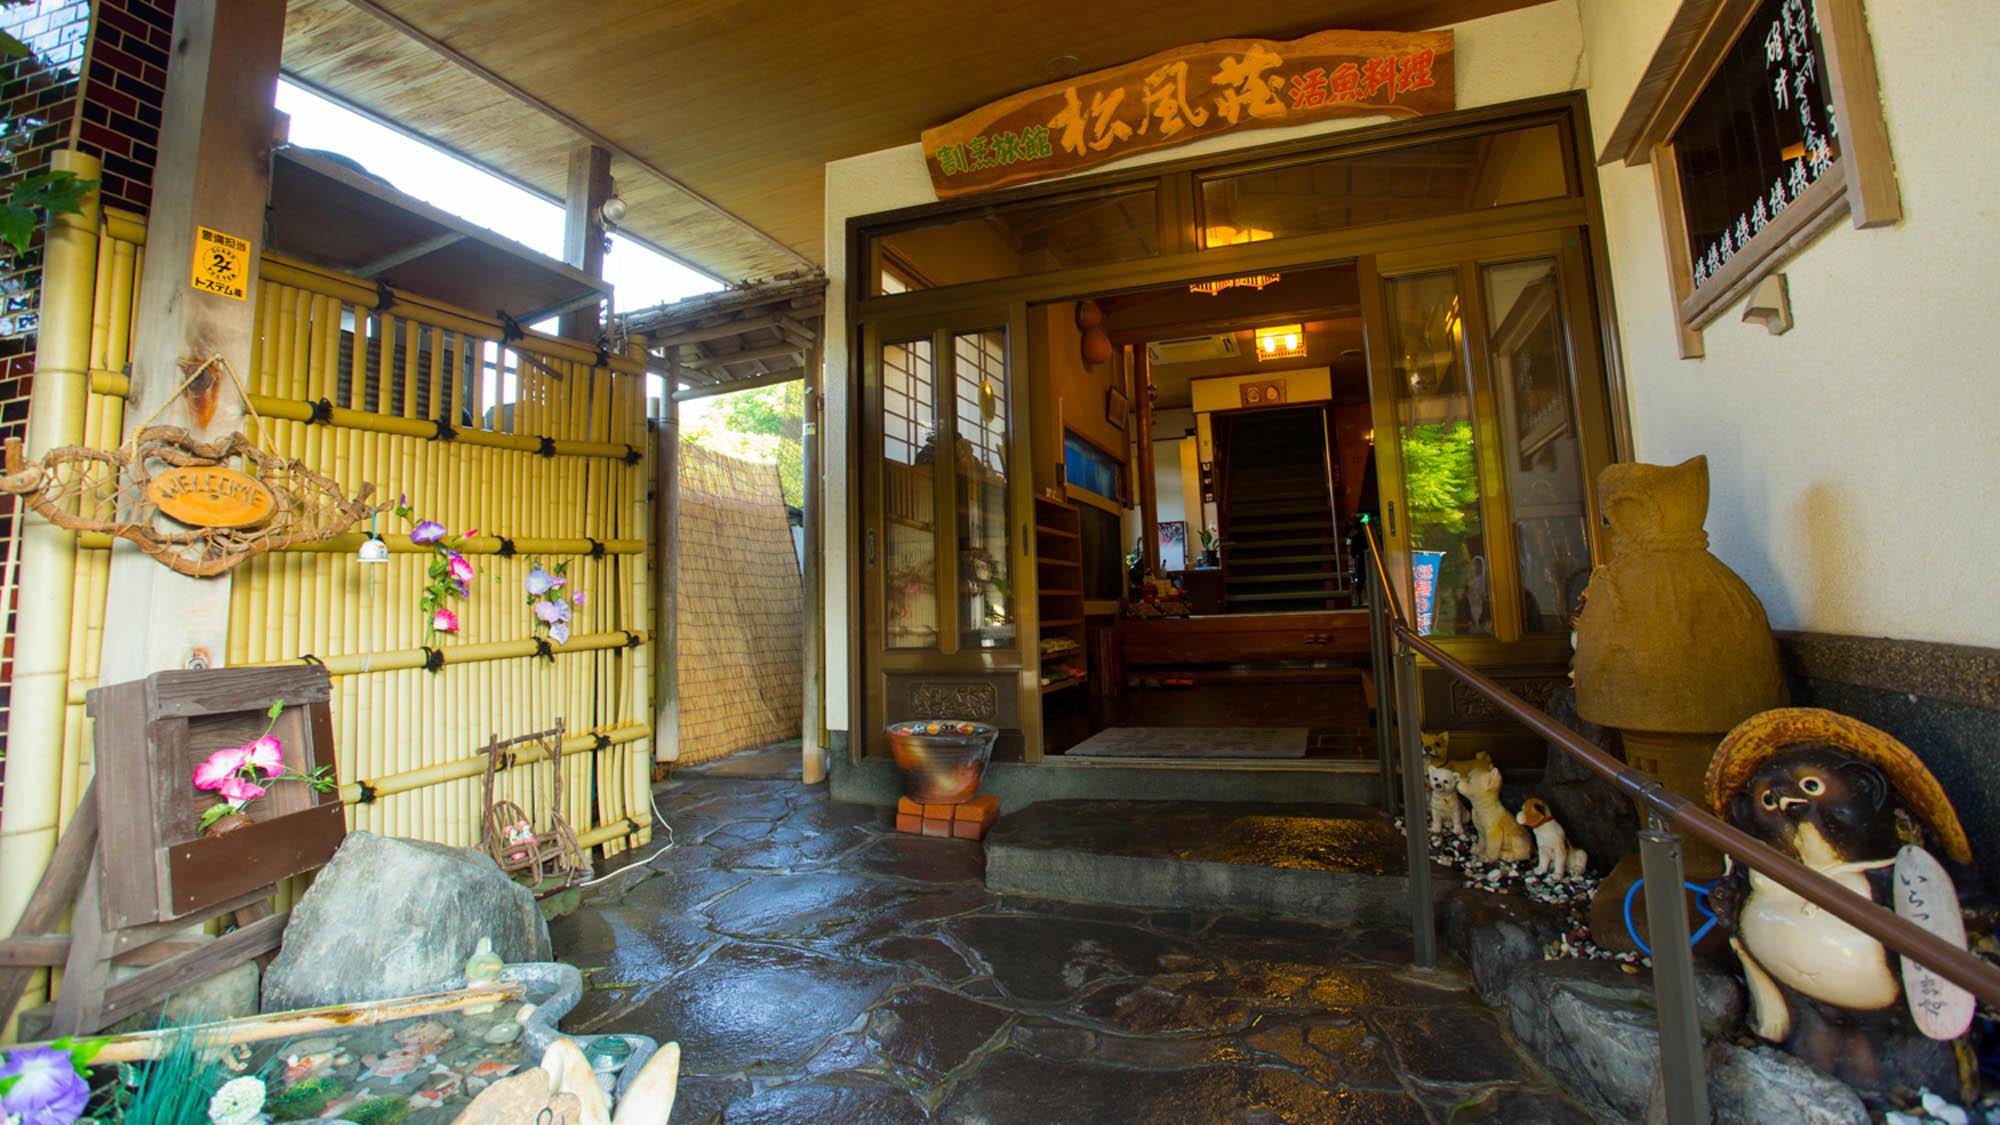 割烹旅館 松風荘◆楽天トラベル